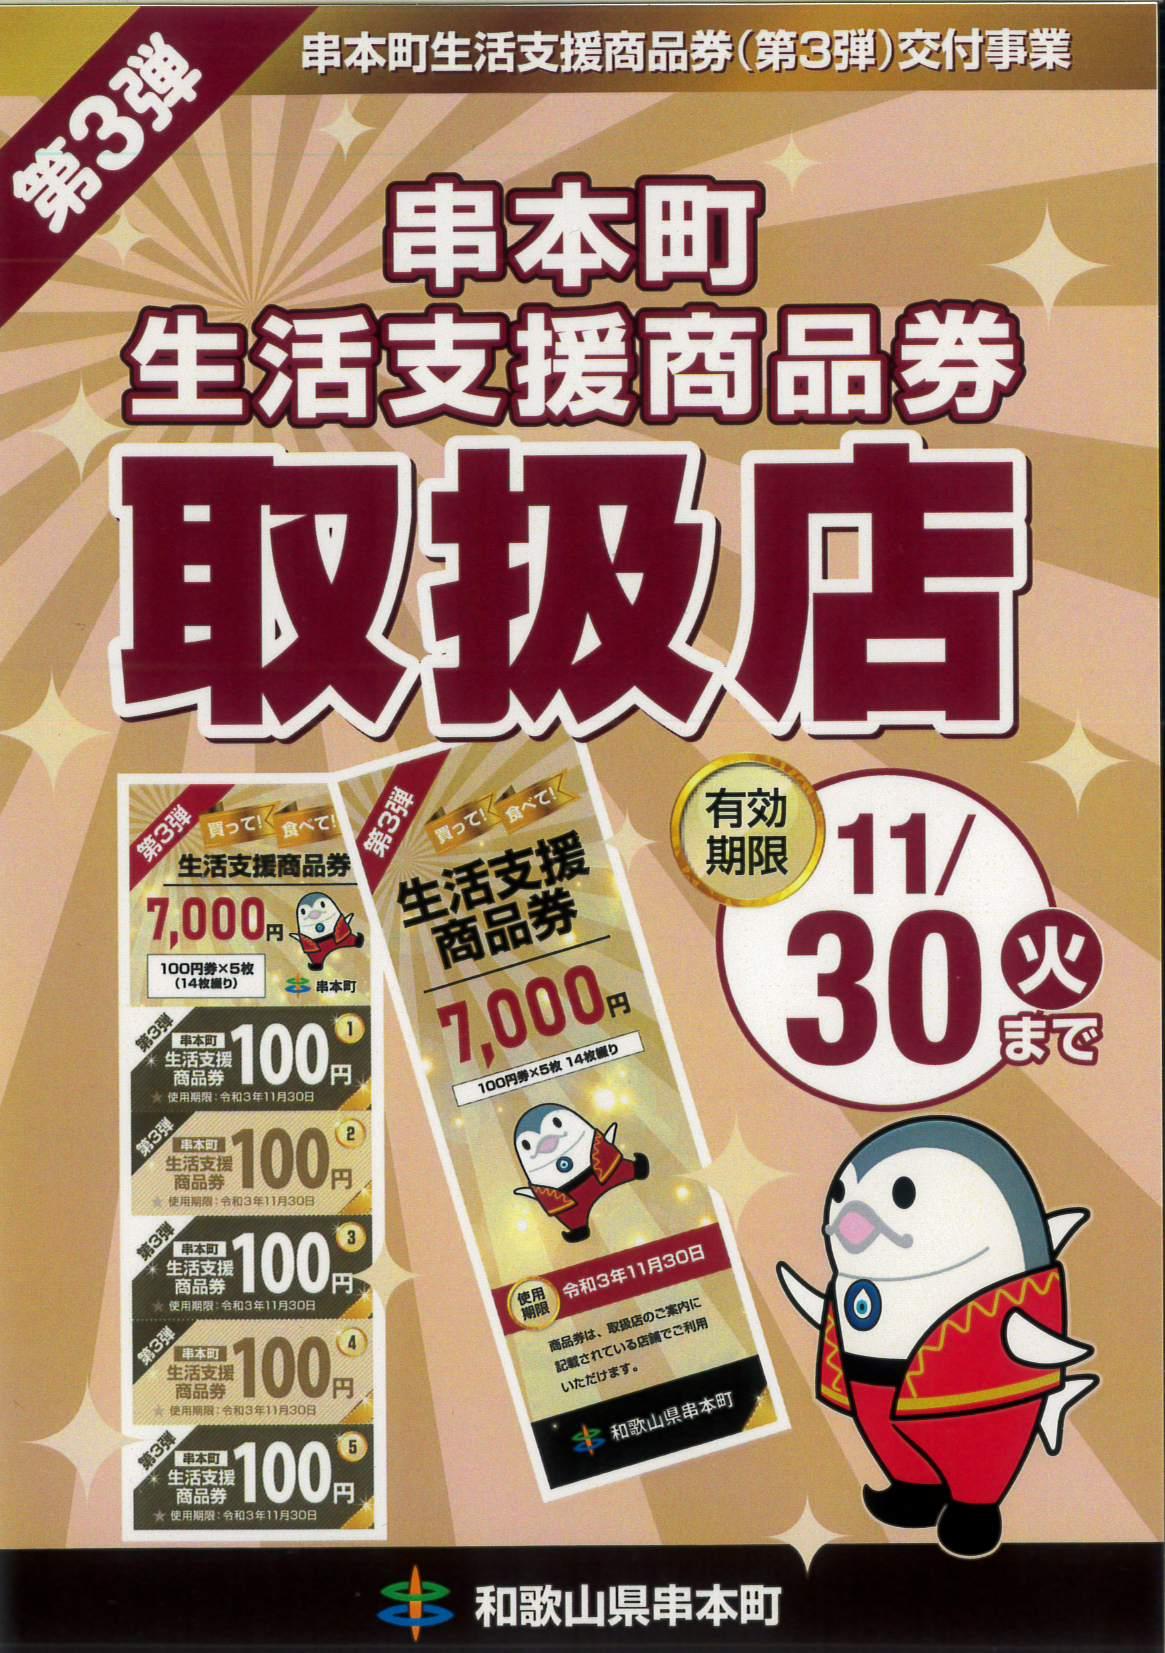 【大裕丸亭】串本町商品券ご利用いただけます!